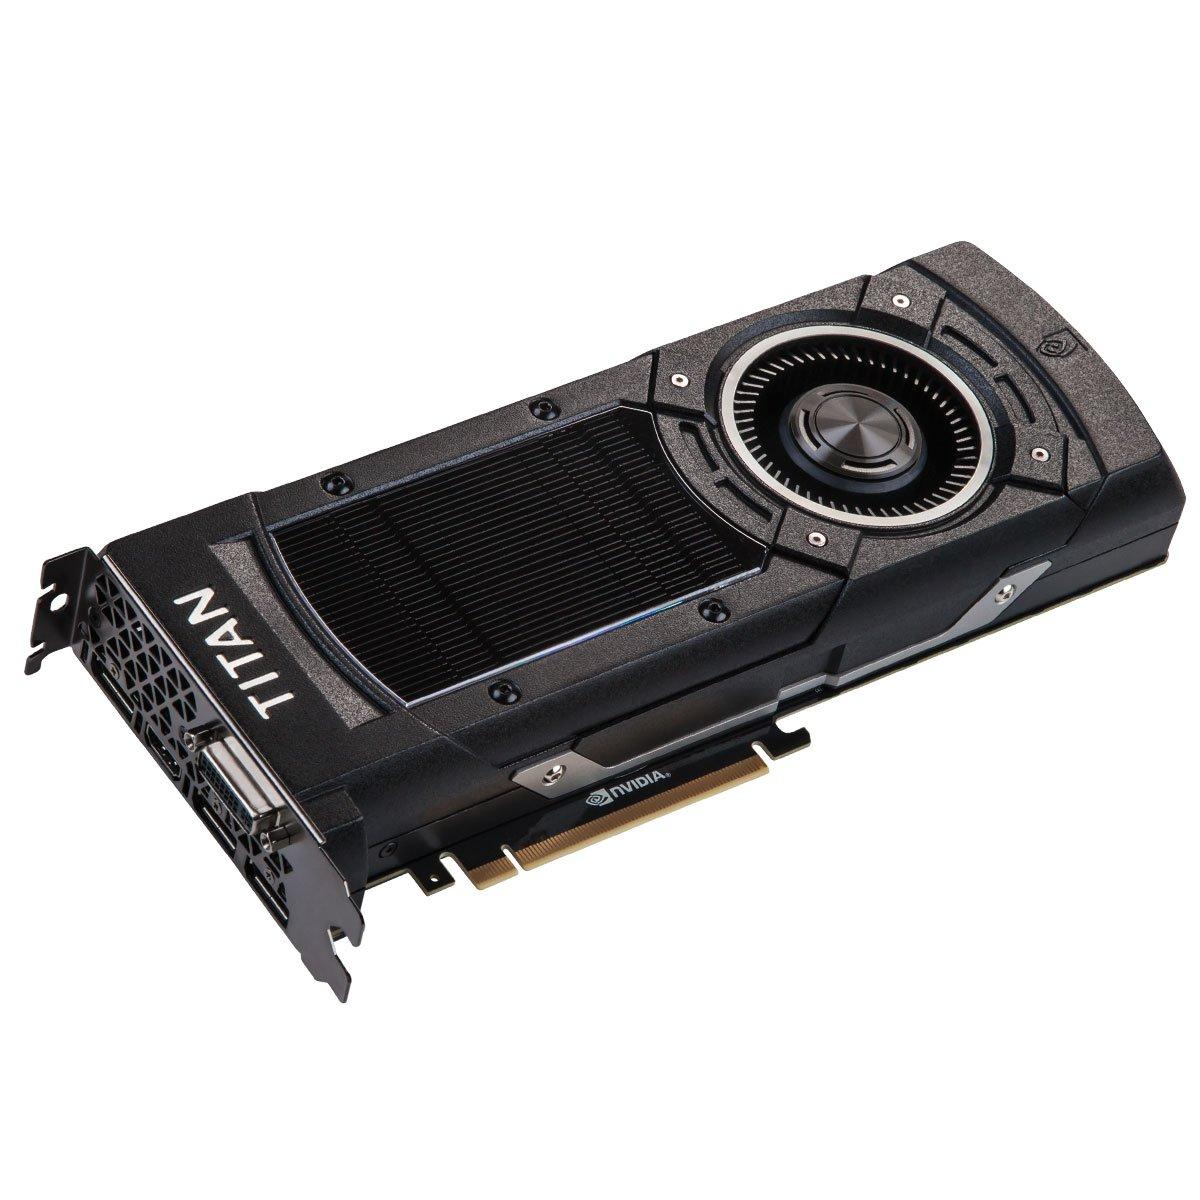 EVGA 12G-P4-2992-KR 12GB GDDR5 - Tarjeta gráfica (12 GB, GDDR5, 384 bit, 7010 MHz, 4096 x 2160 Pixeles, PCI Express x16 3.0)